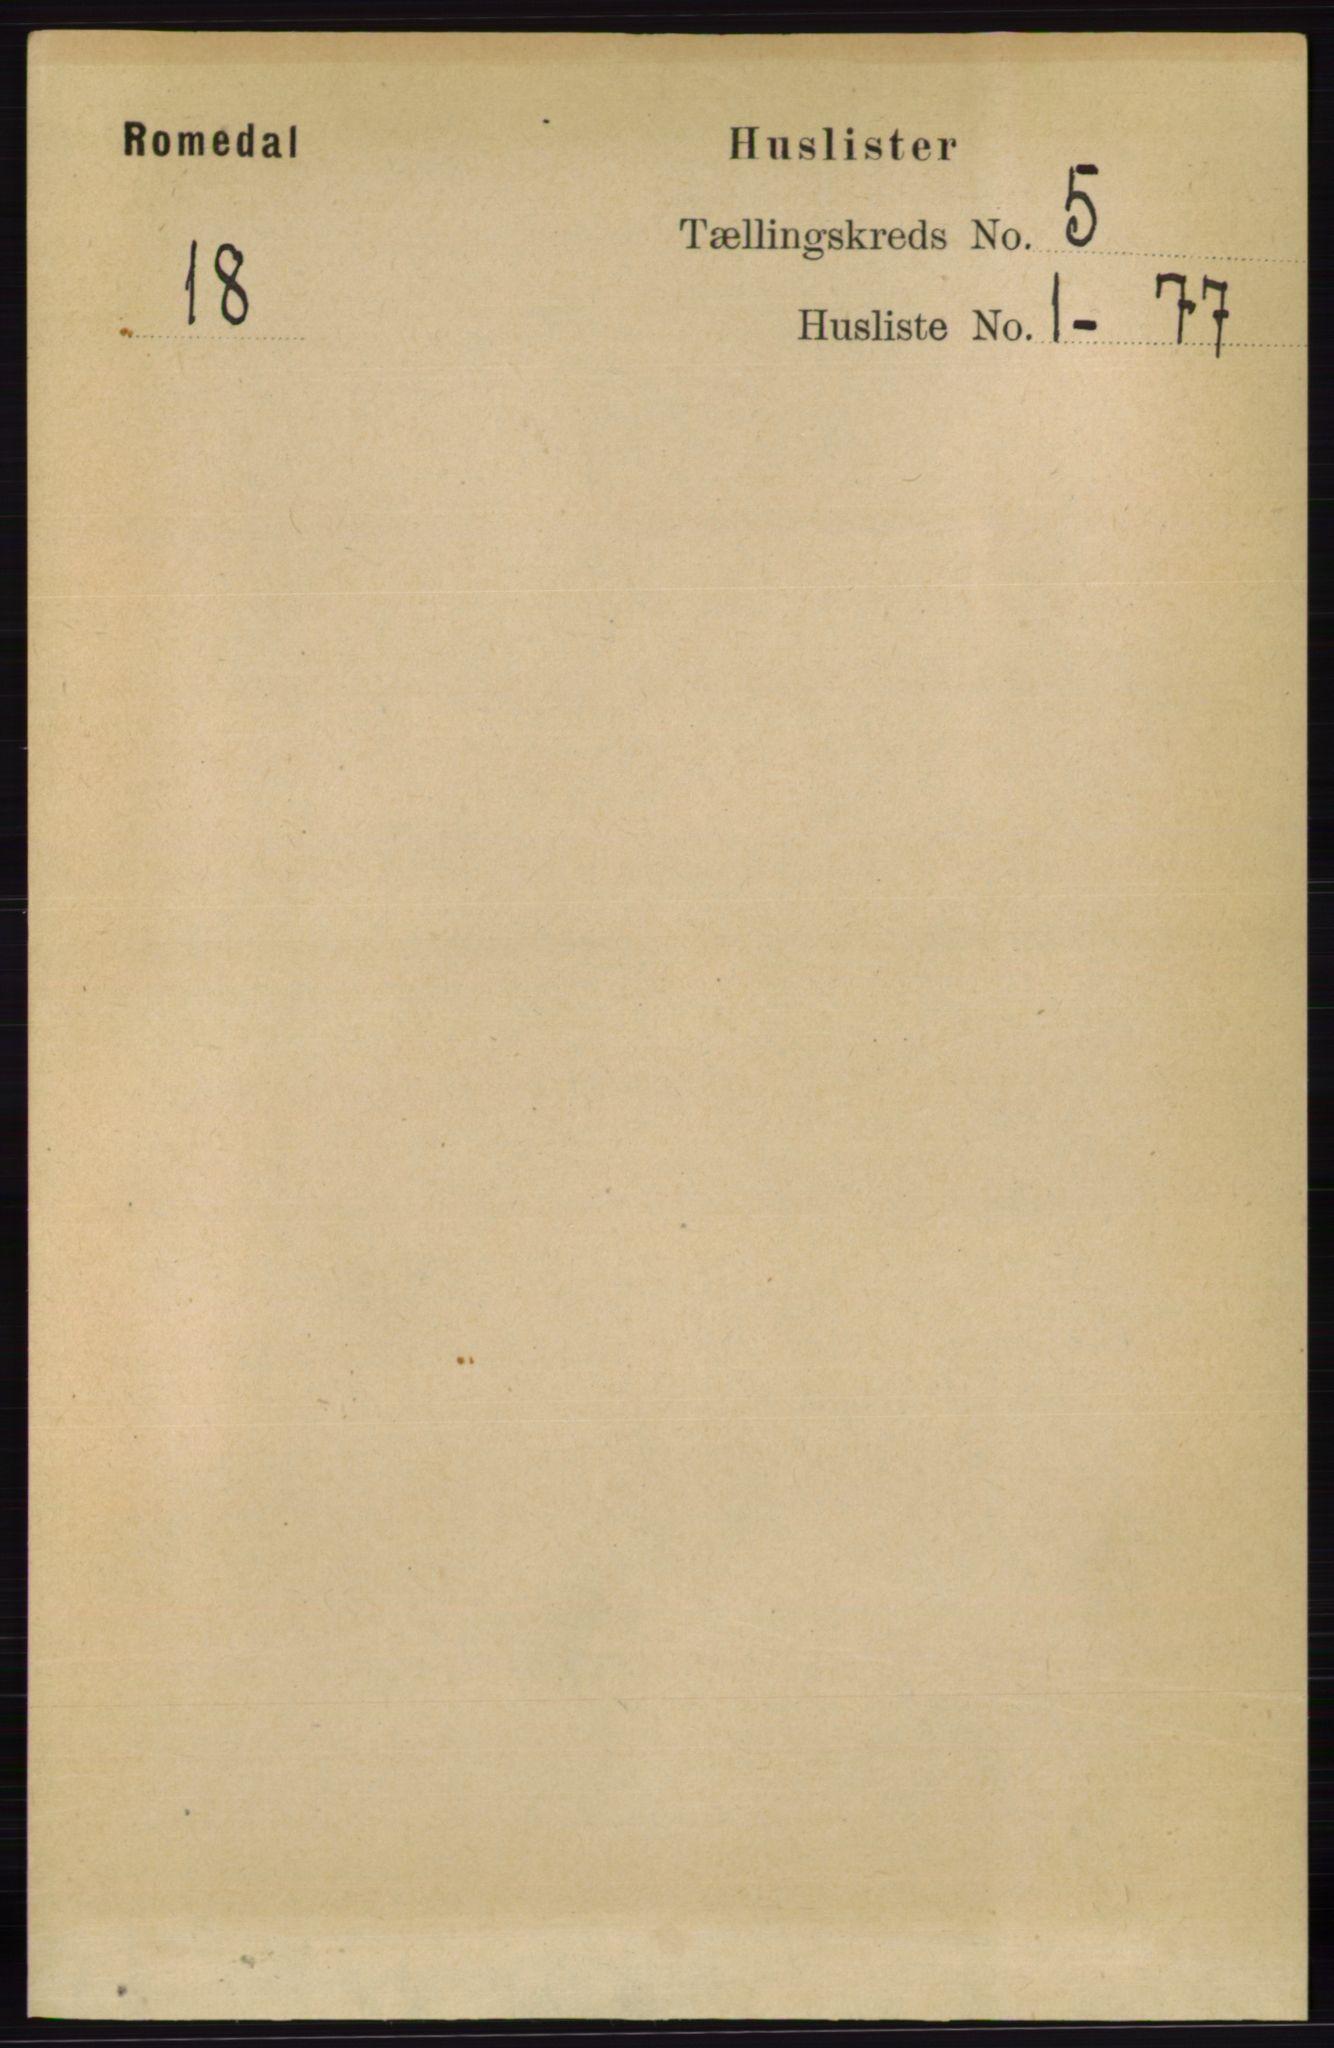 RA, Folketelling 1891 for 0416 Romedal herred, 1891, s. 2388